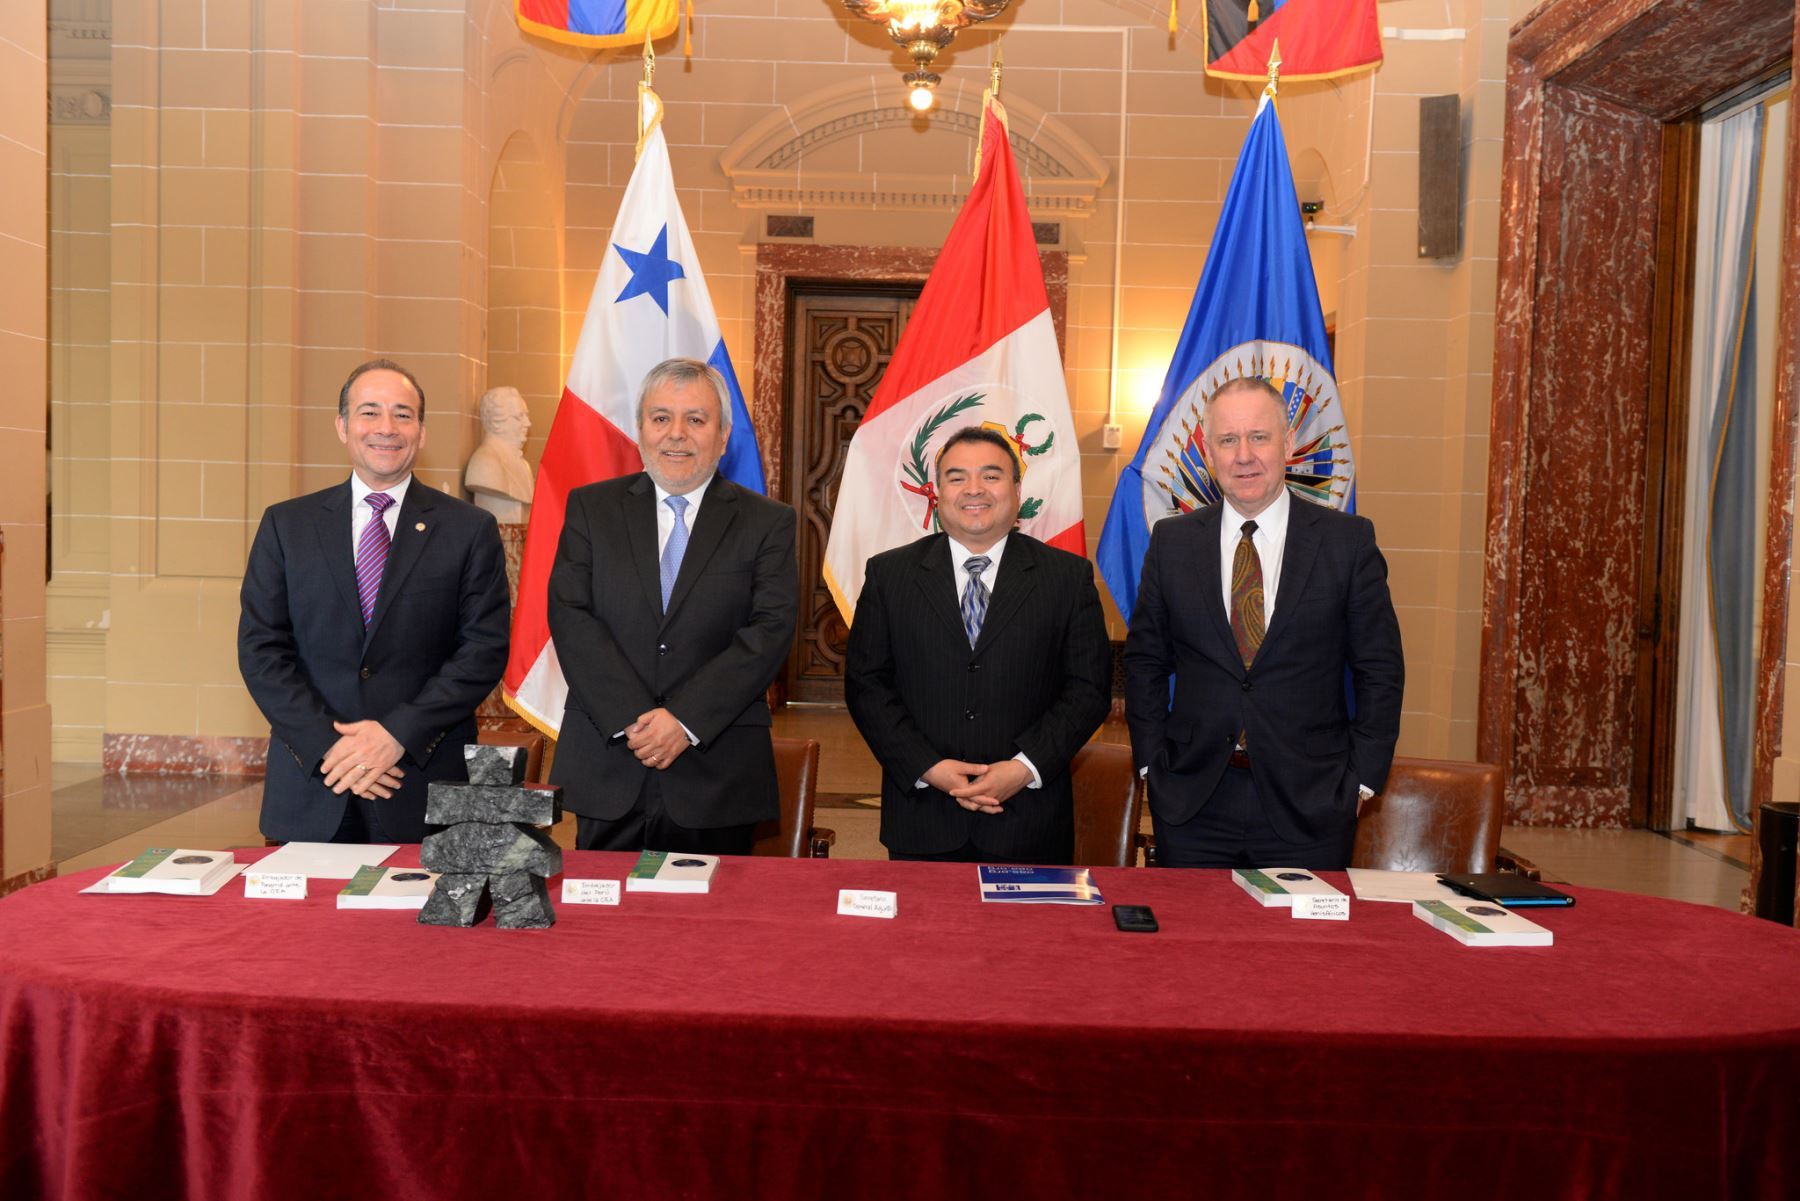 Perú asume en Washington la presidencia de la Cumbre de las Américas. Foto: Difusión.